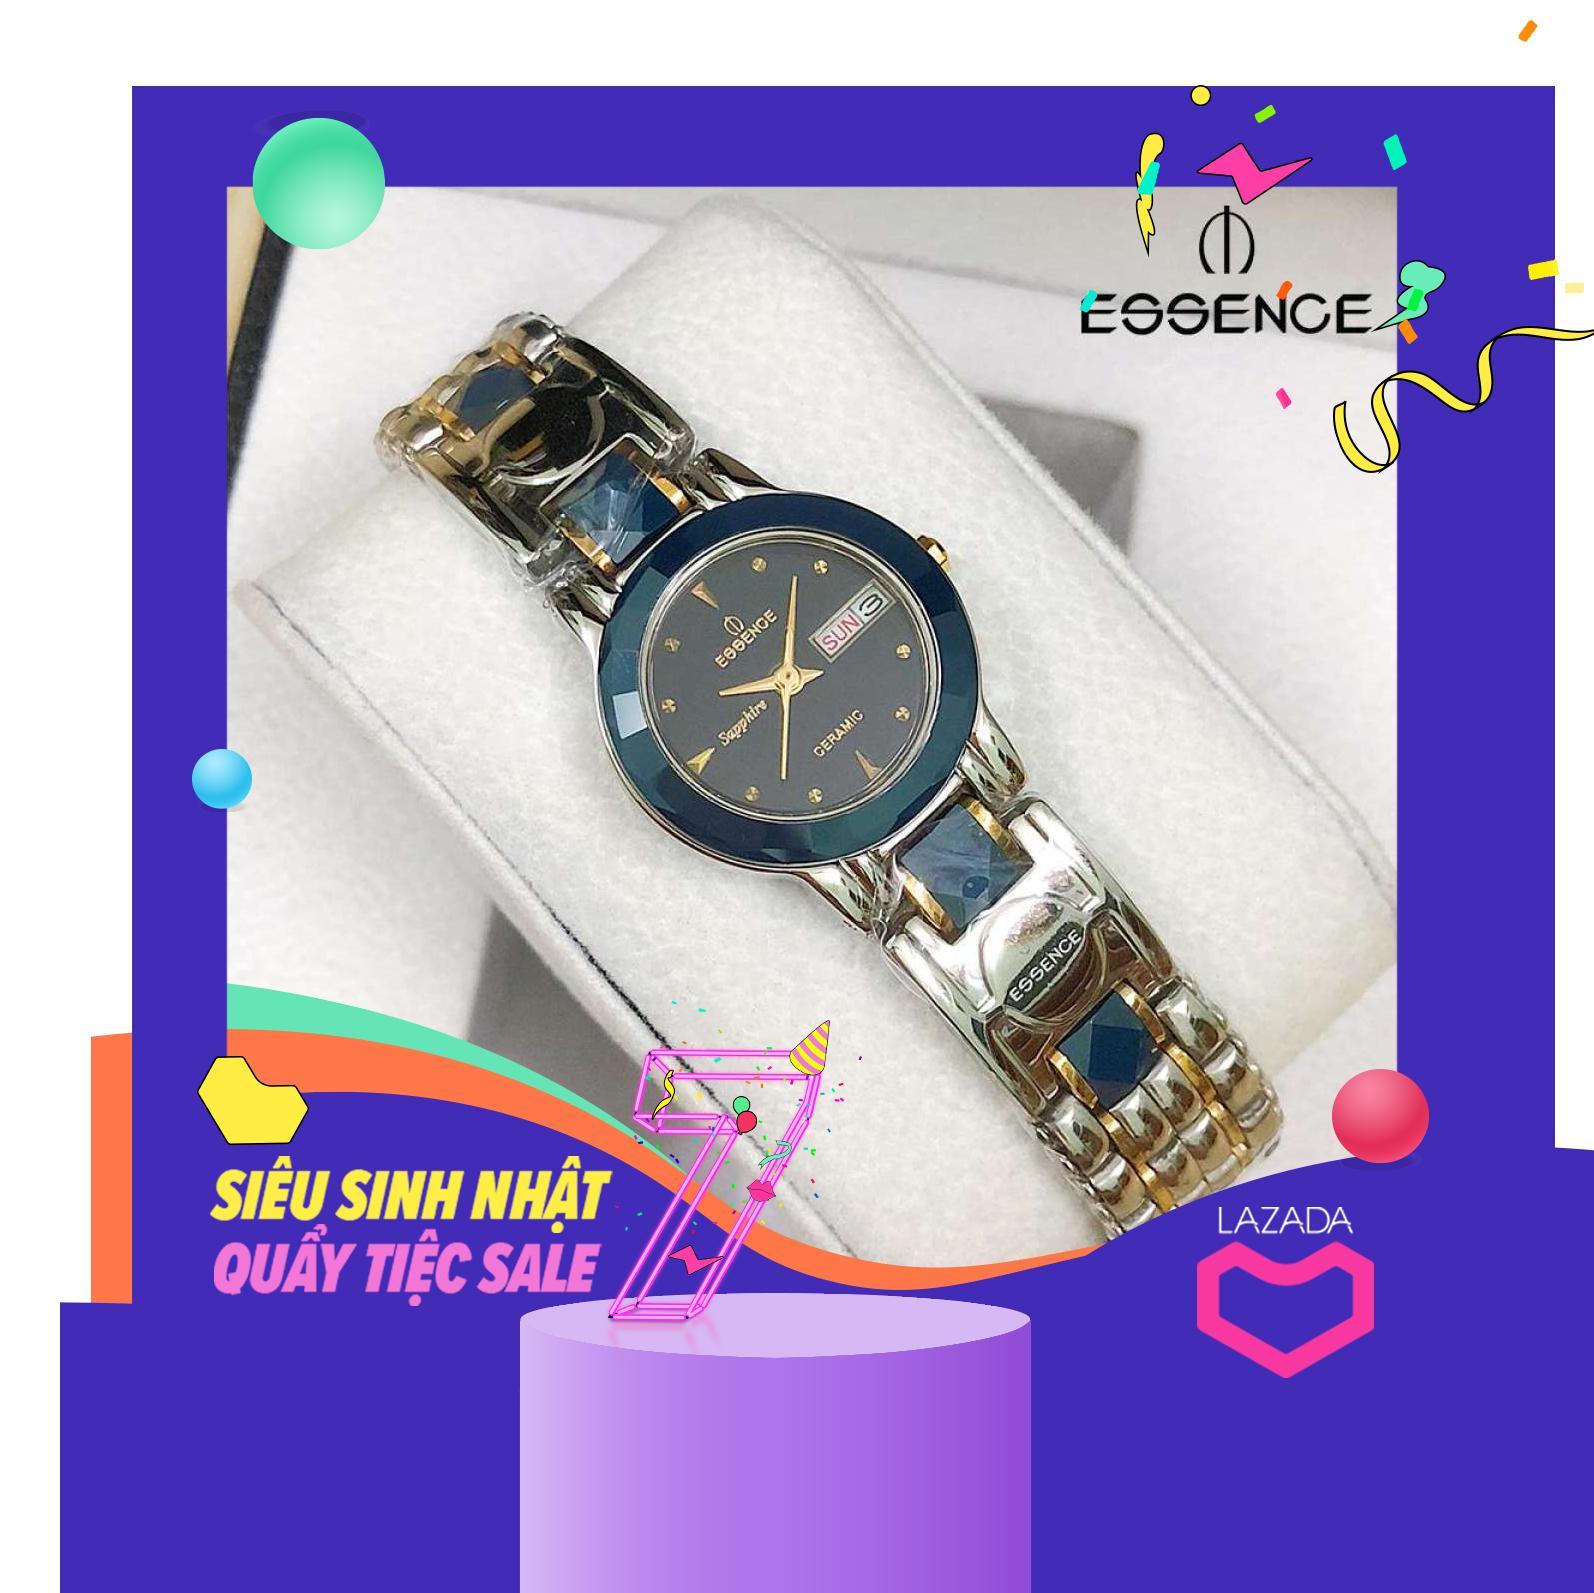 [Tặng pin] Đồng hồ Essence nữ trắng đá xanh (Kính saphire, chống nước, bảo hành 12 tháng) bán chạy